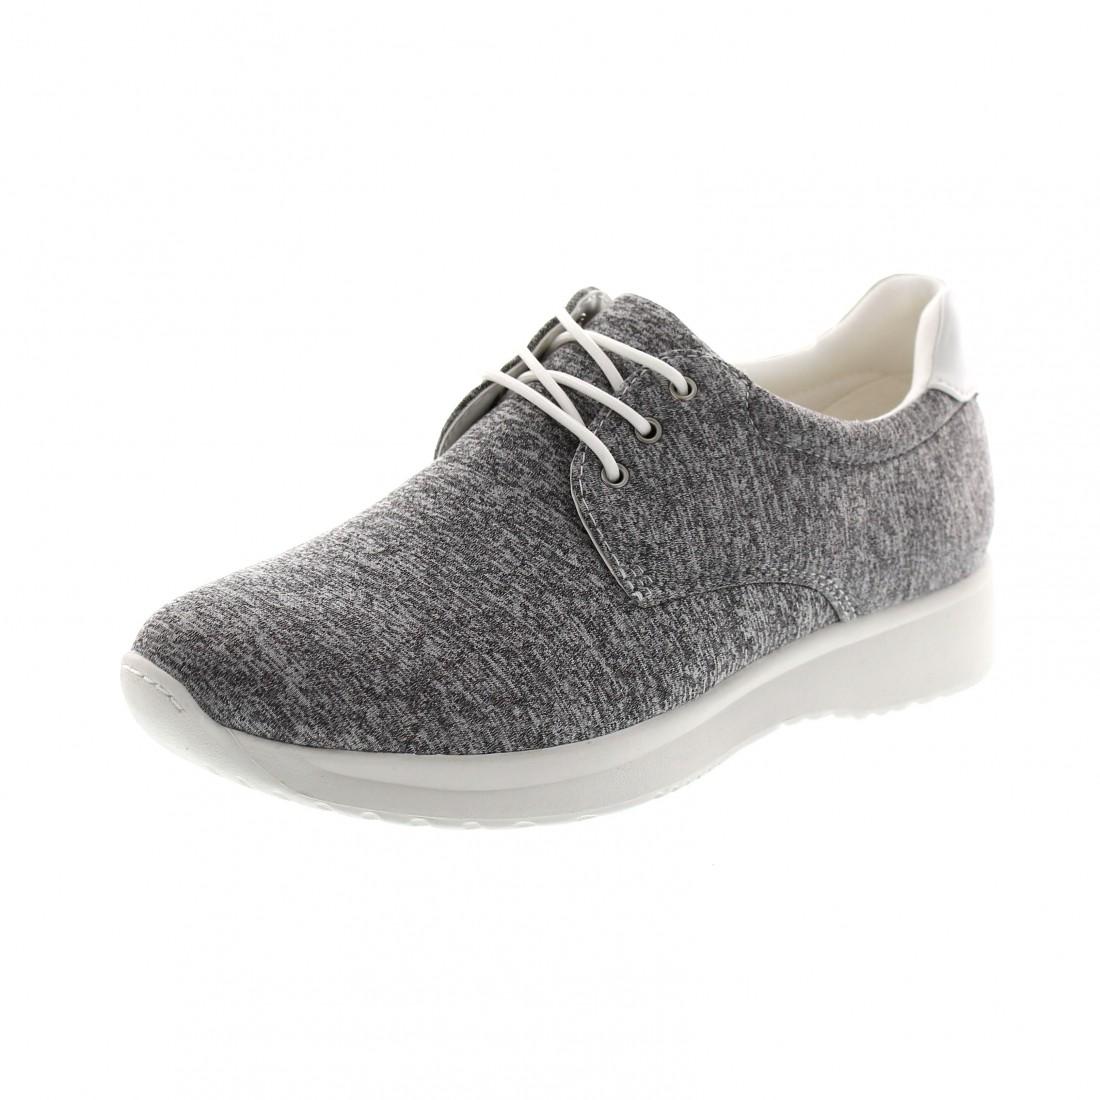 VAGABOND Damen - Sneaker CINTIA 4324-280 - grey